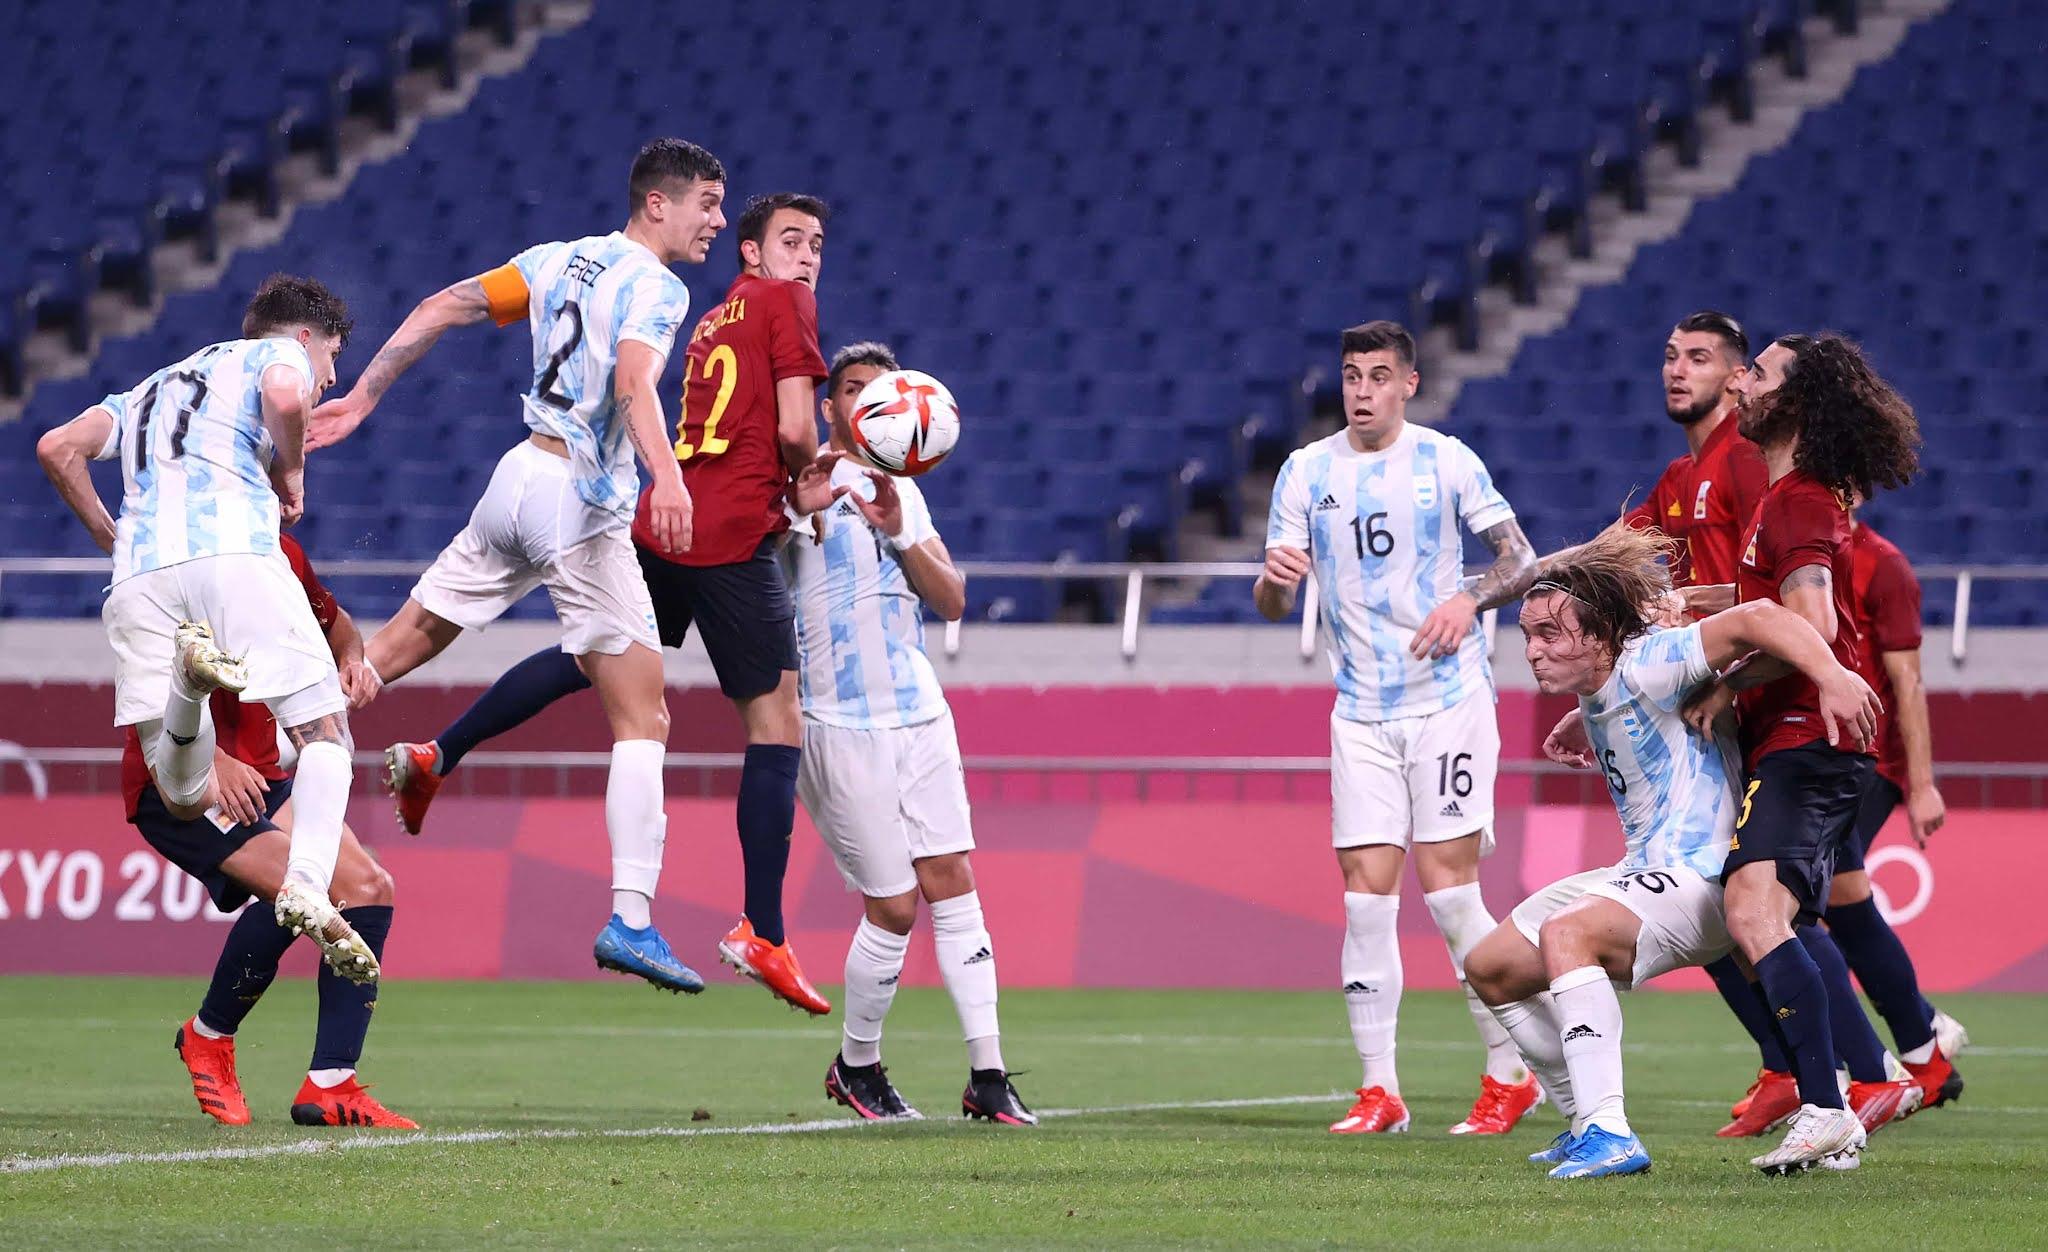 Argentina quedó eliminada de los Juegos Olímpicos de Tokio tras empatar con España